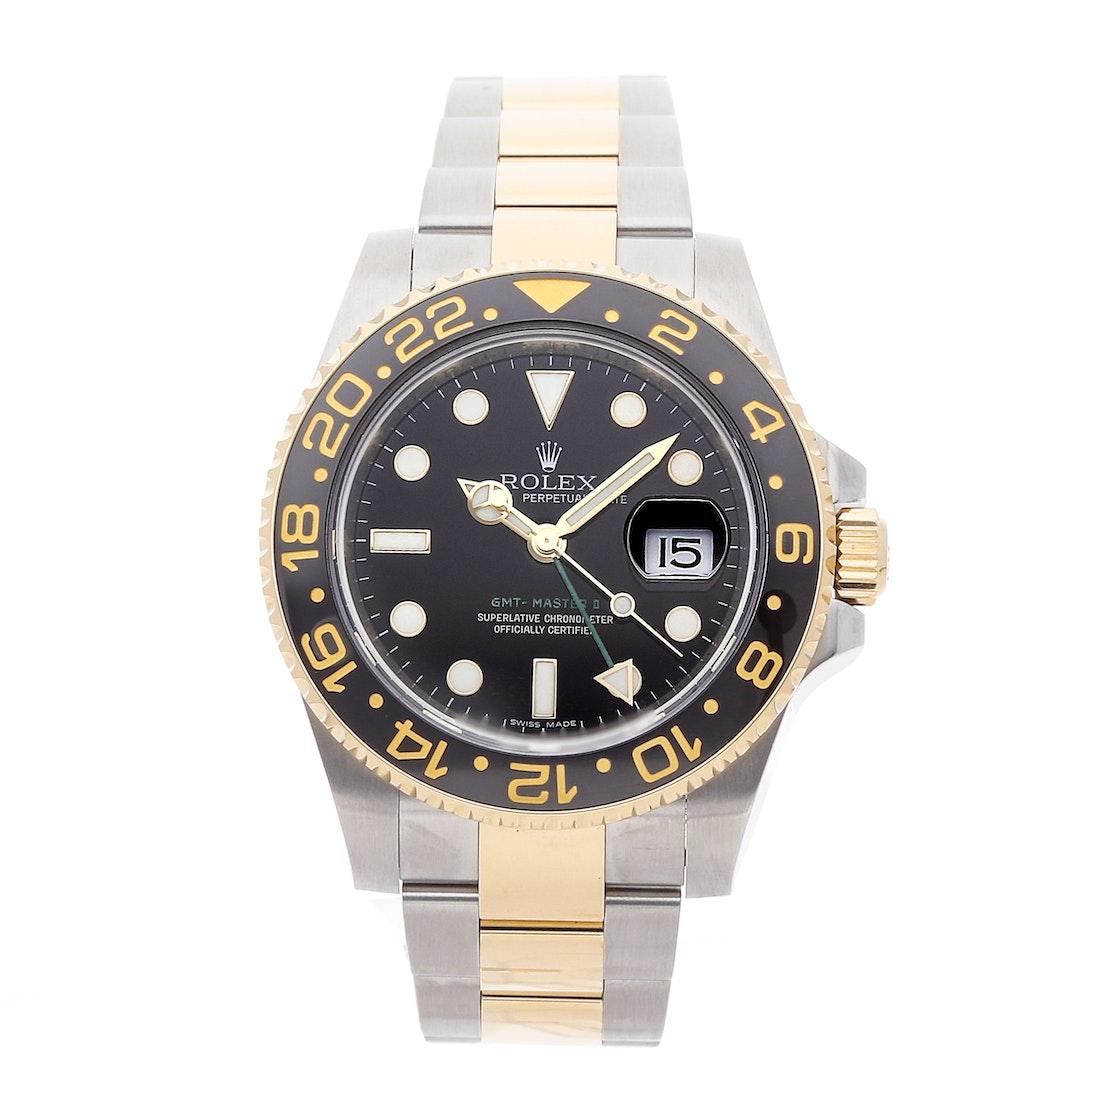 Rolex GMT Master II 116713